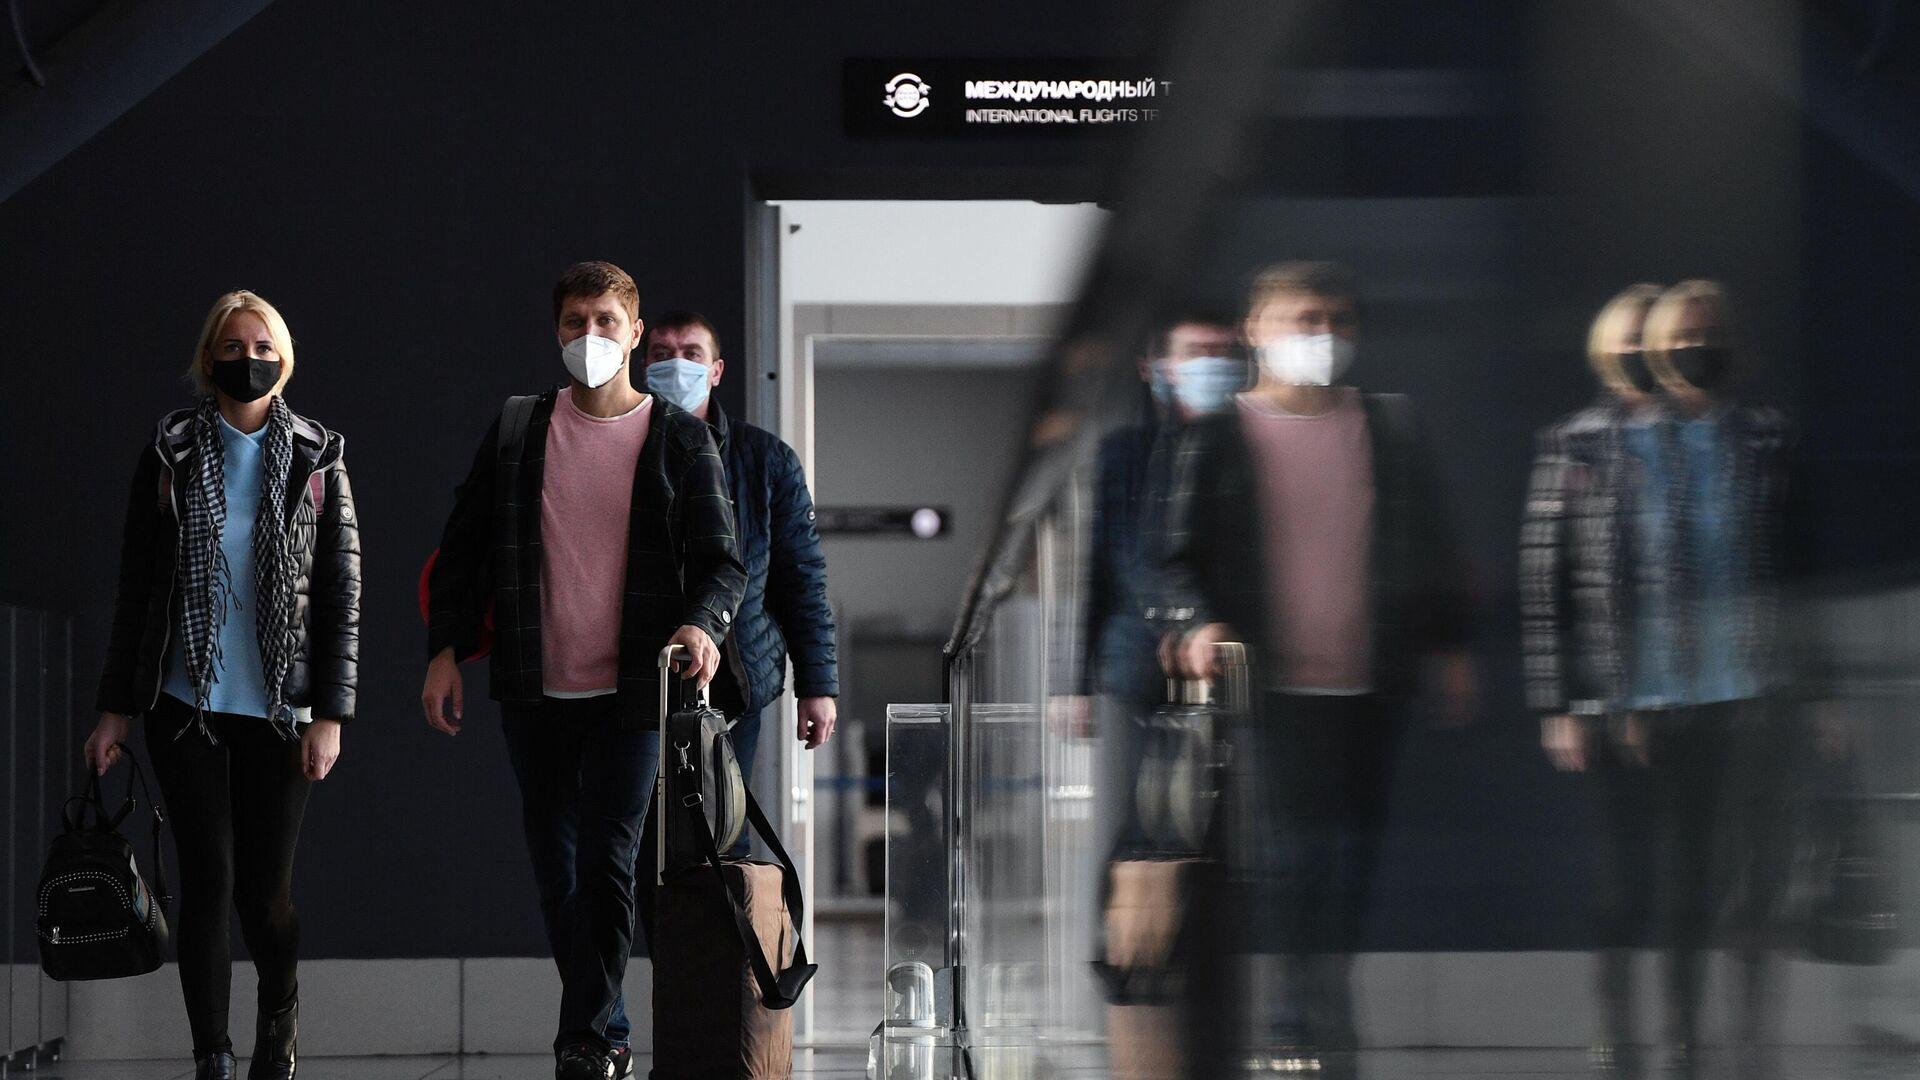 Пассажиры в защитных масках в международном аэропорту Толмачёво в Новосибирске - РИА Новости, 1920, 17.02.2021